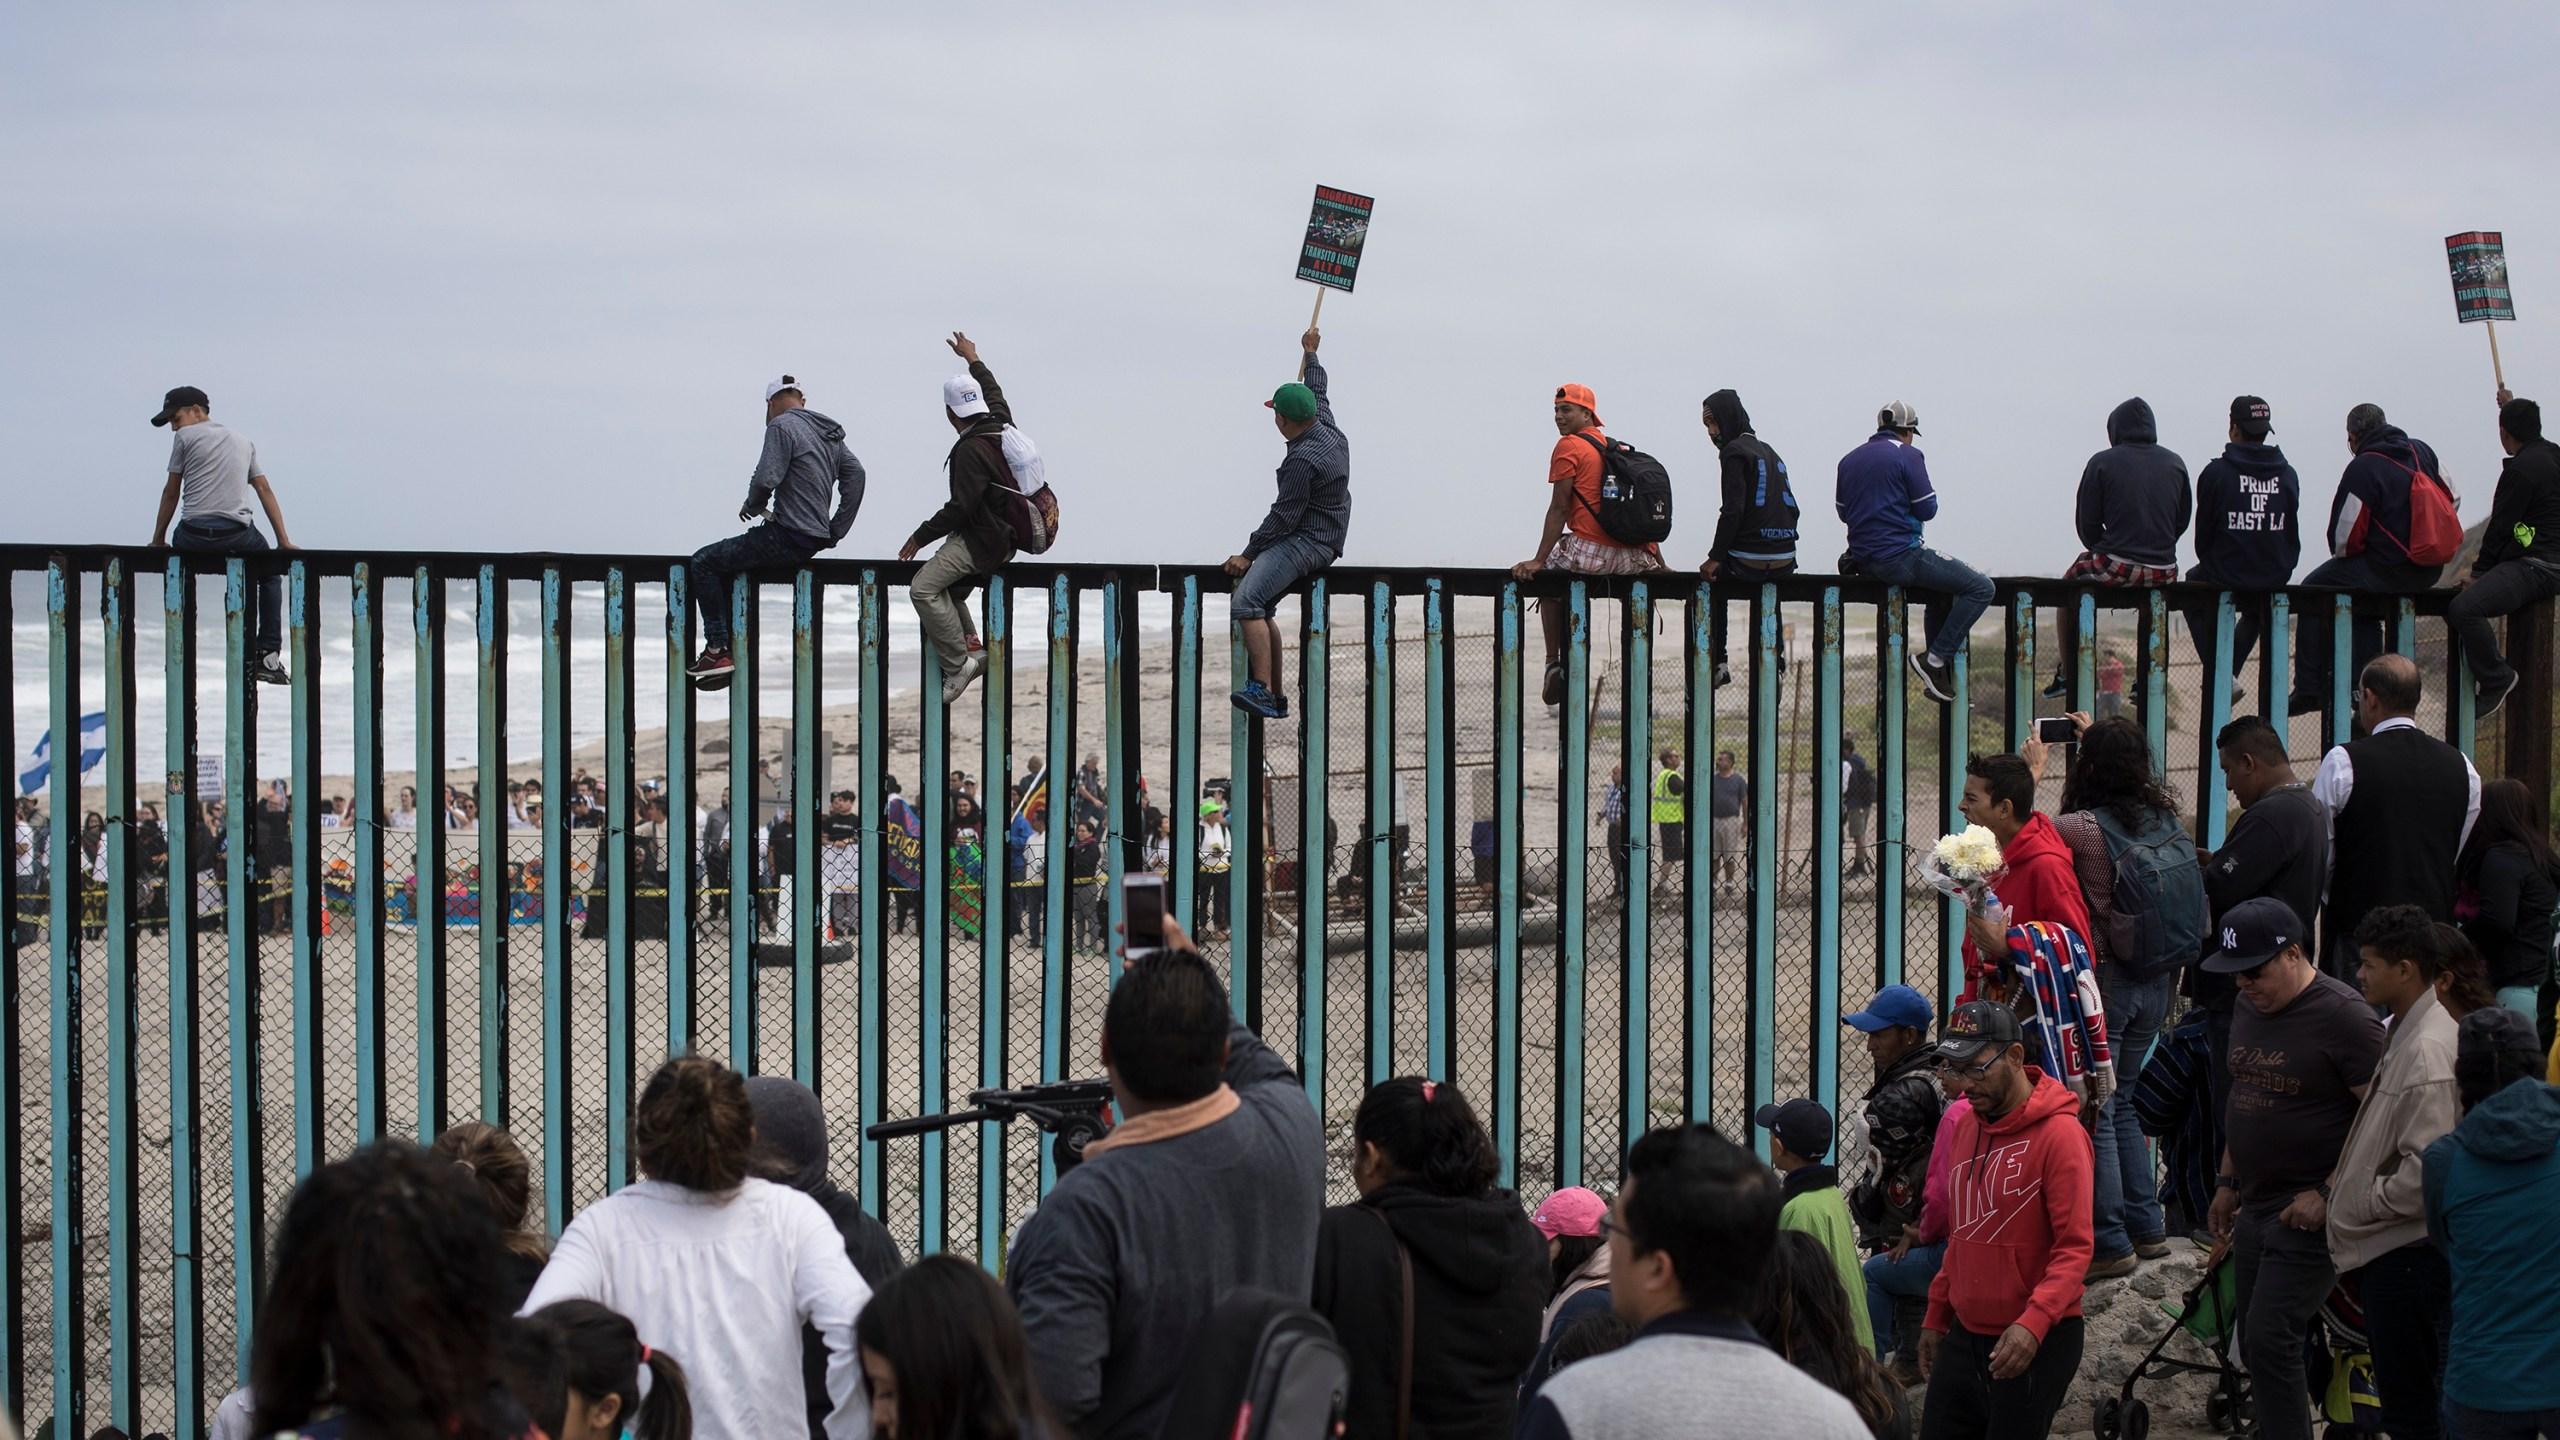 Mexico_Migrants_Caravan_38487-159532.jpg25179725